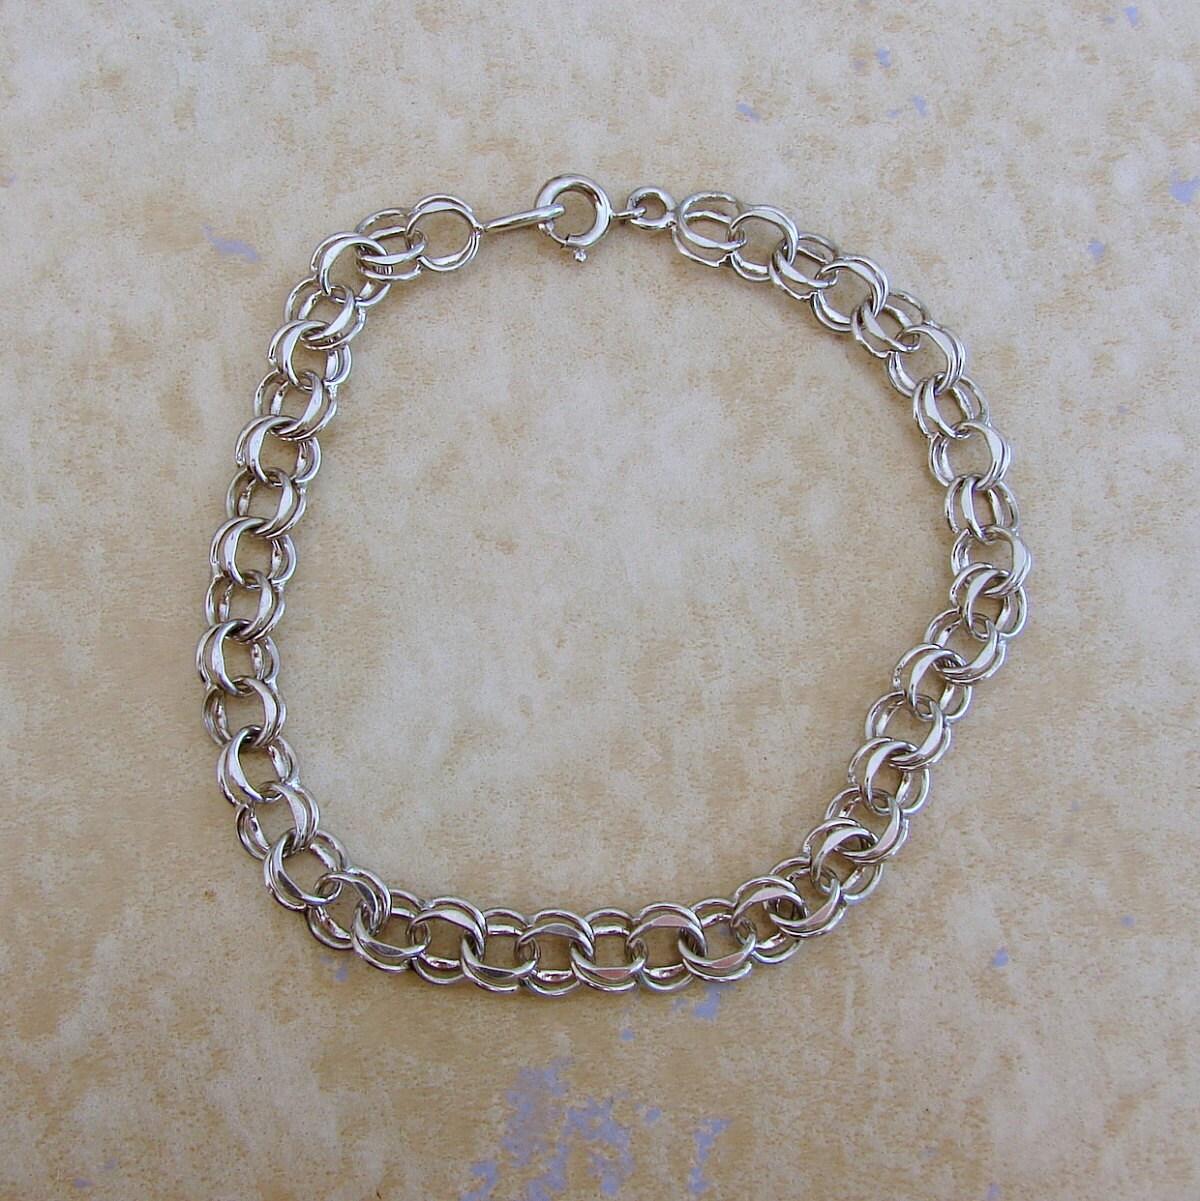 sterling silver link starter charm bracelet 8